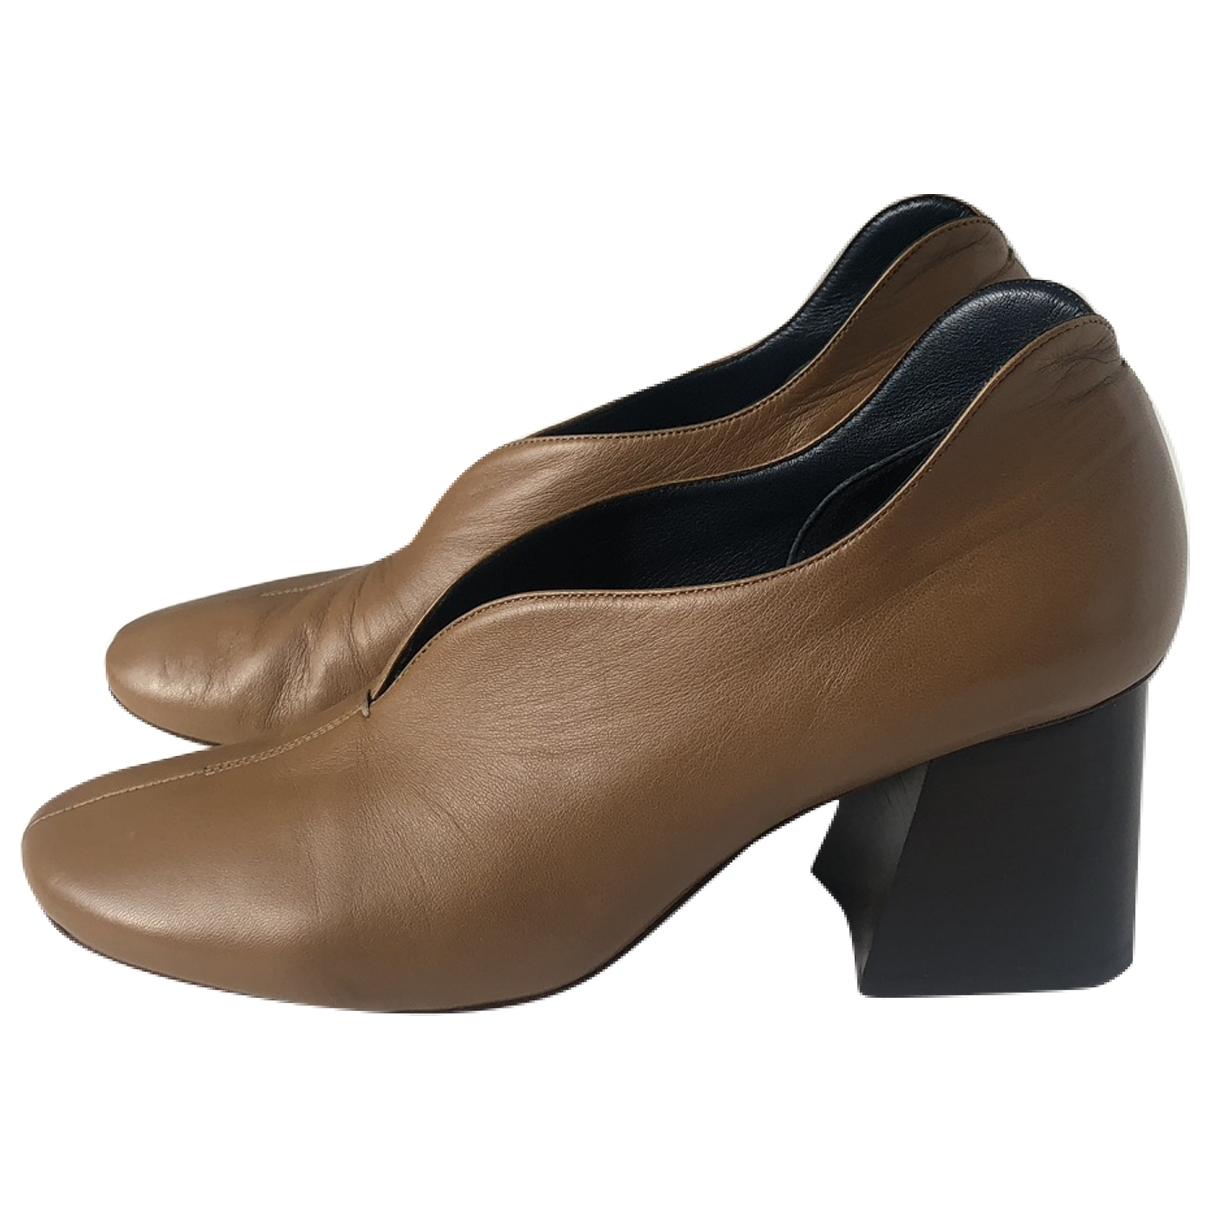 Celine - Escarpins Soft Ballerina pour femme en cuir - camel